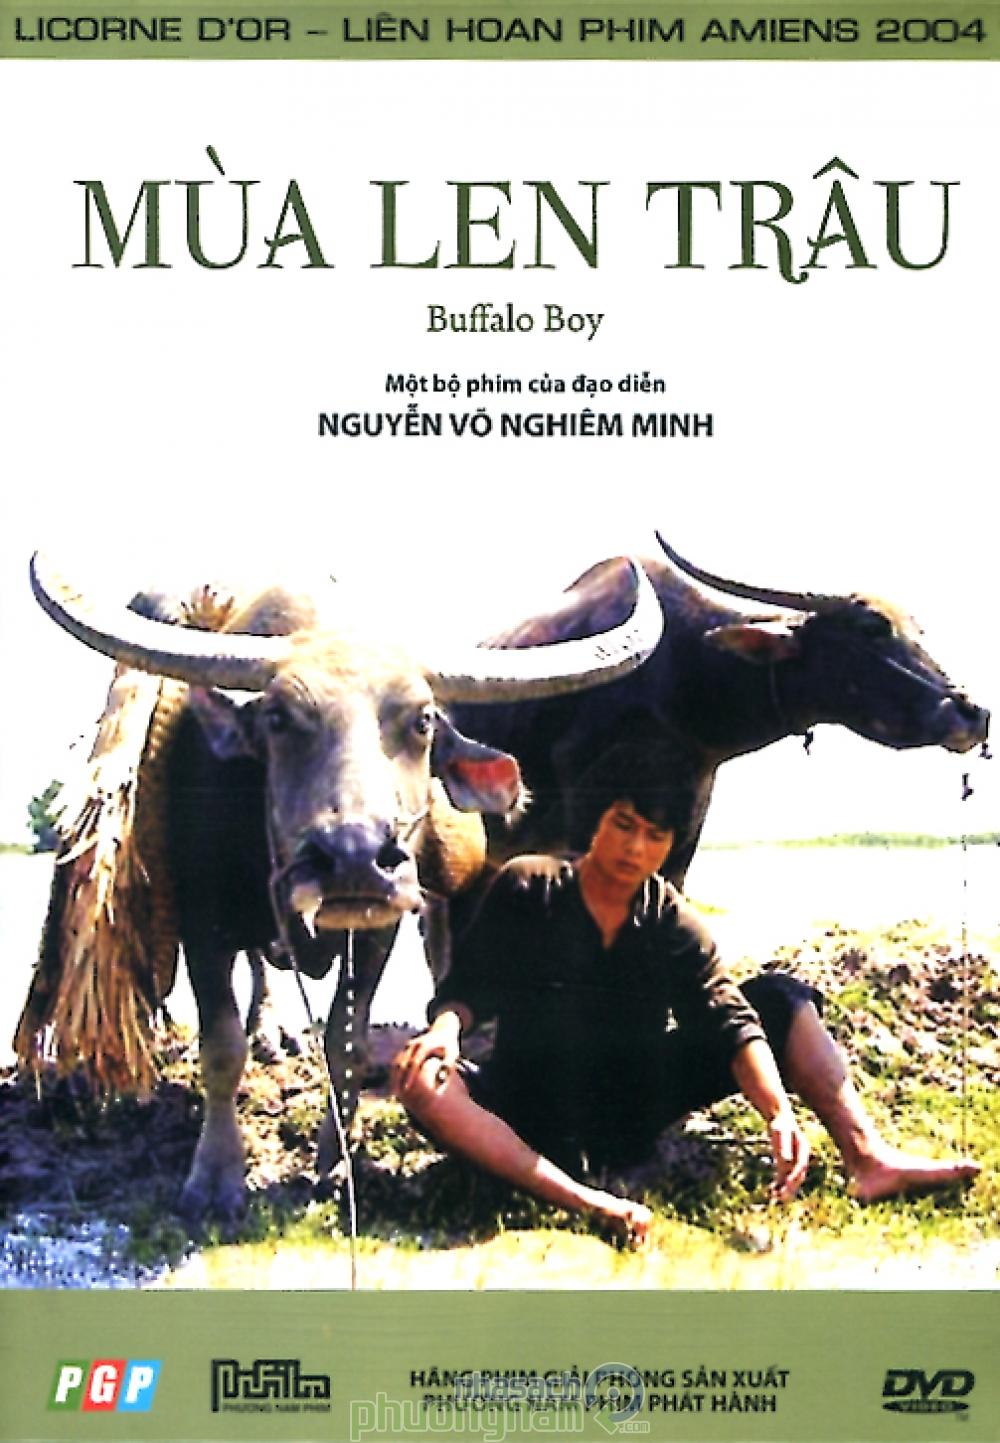 Mùa len trâu là bộ phim đầu tay của đạo diễn Việt kiều Nguyễn Võ Nghiêm Minh